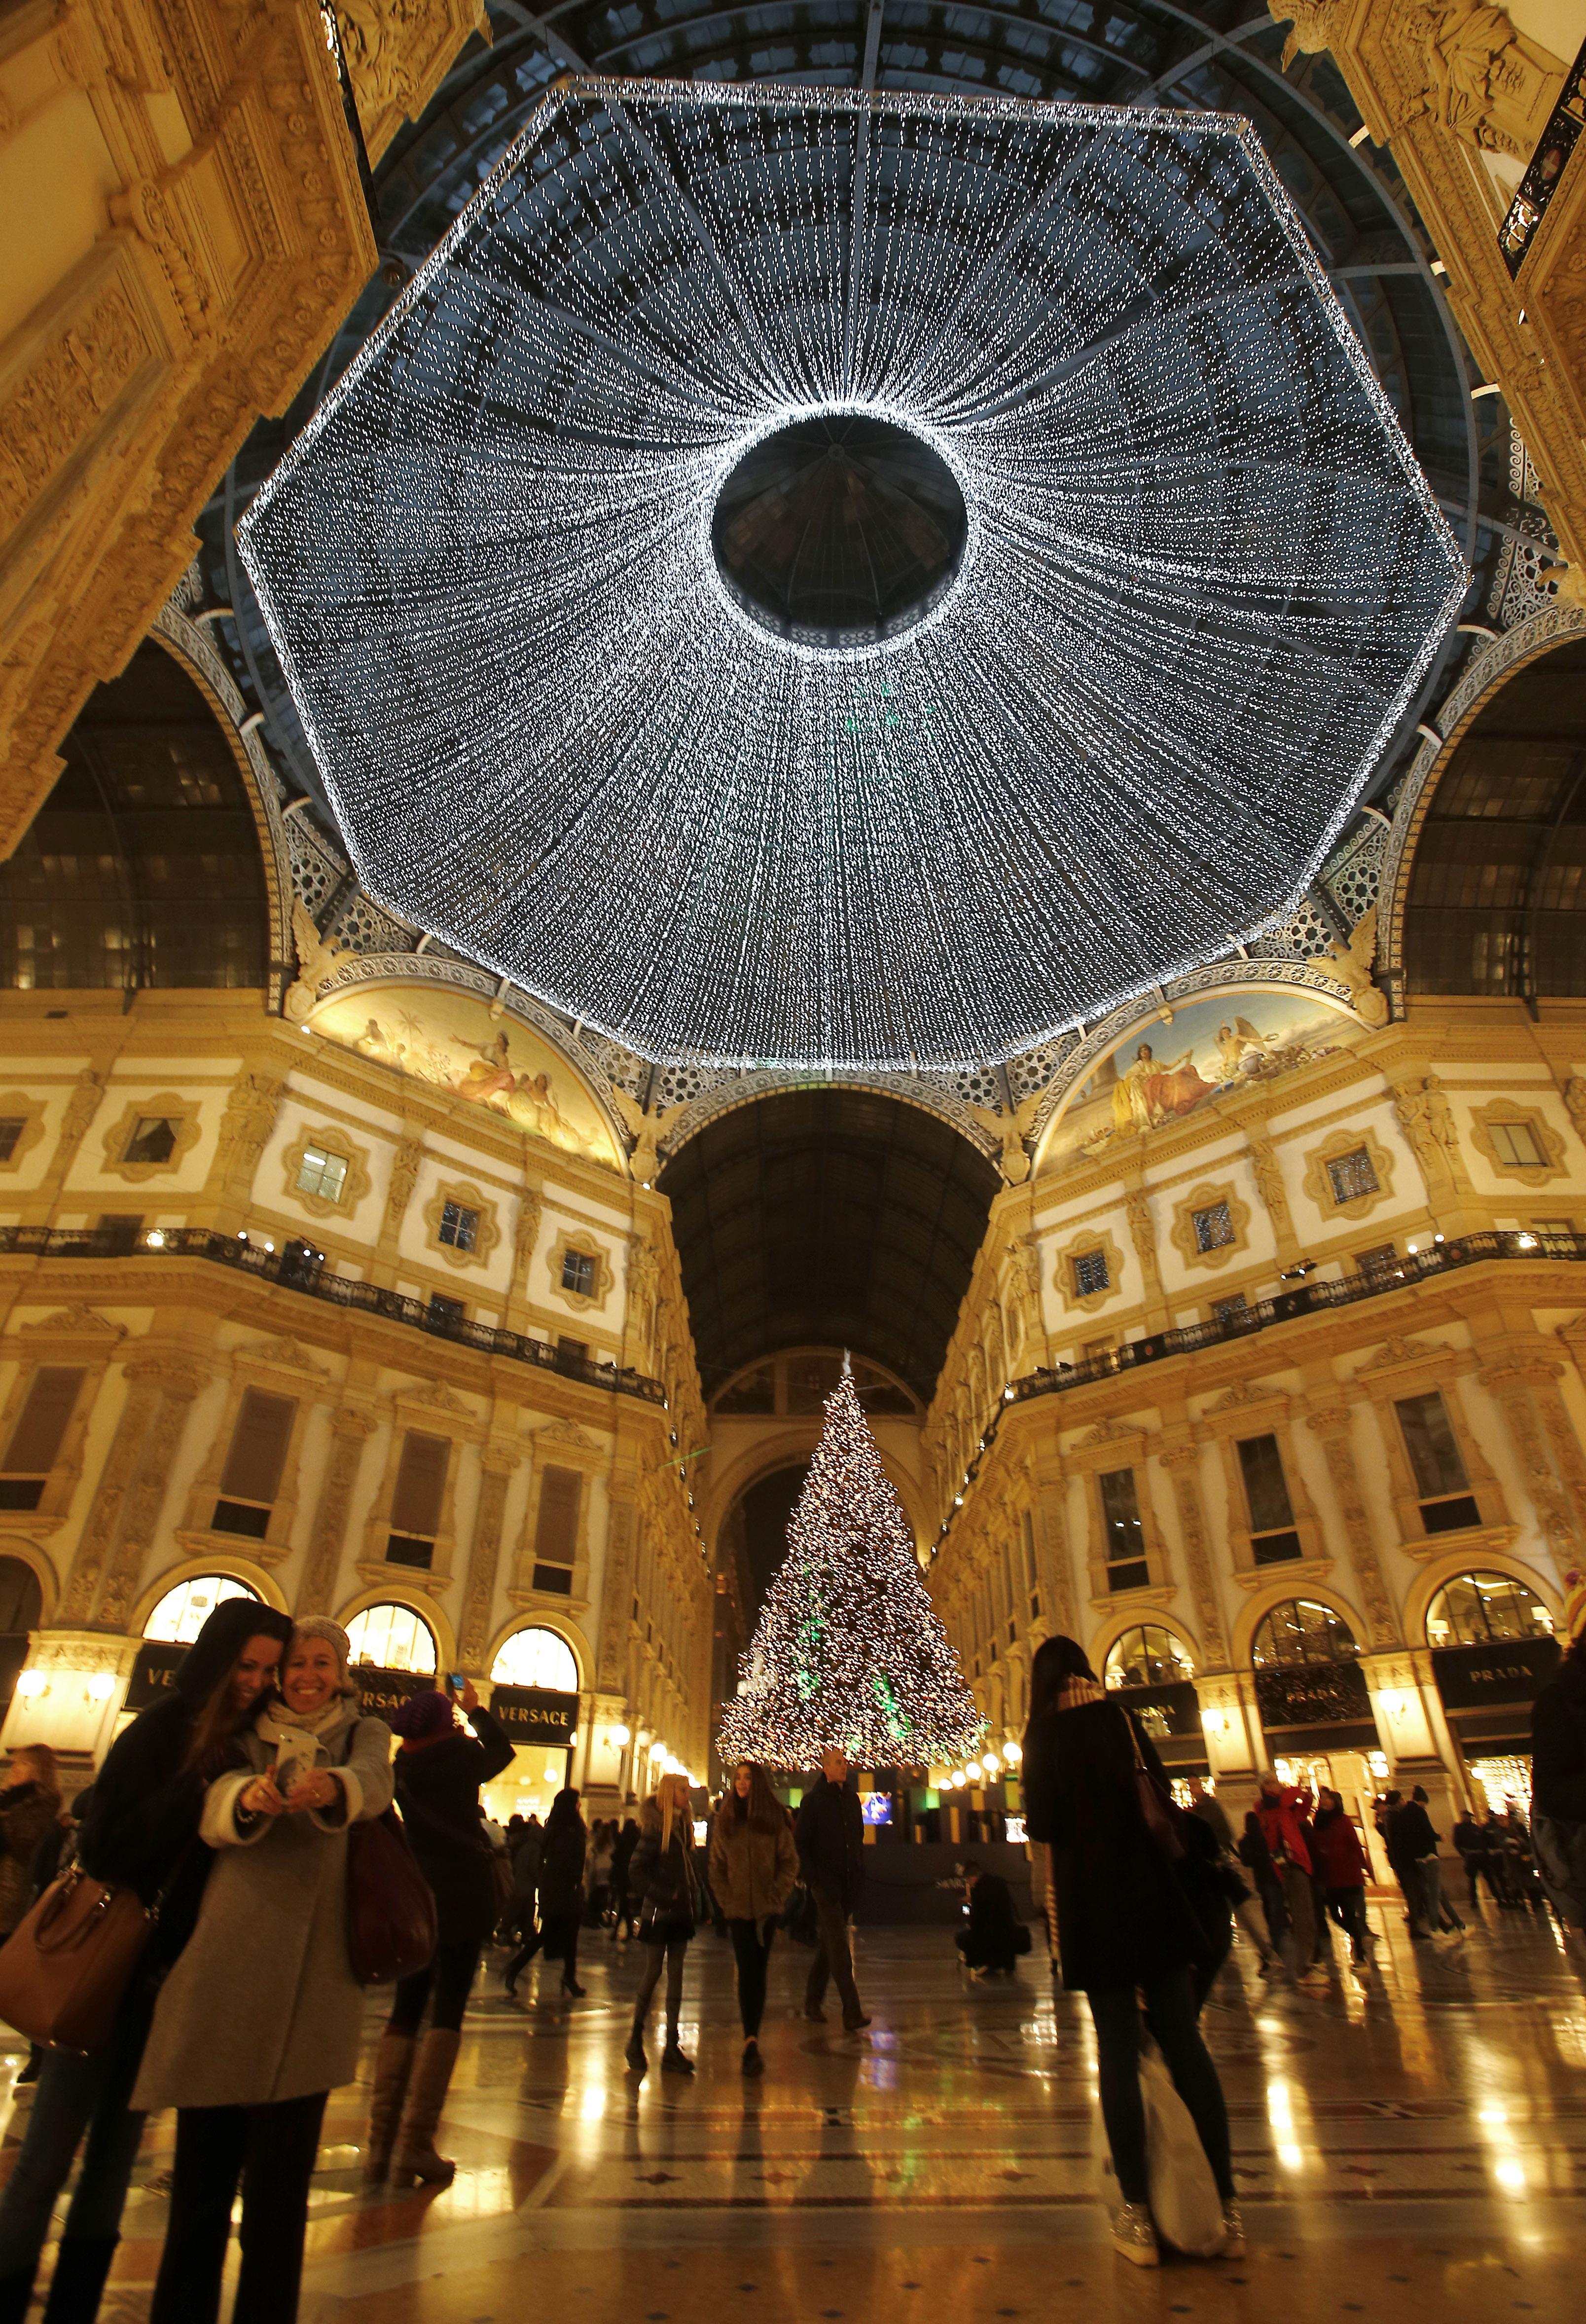 義大利米蘭的埃馬努埃萊二世拱廊街,在2016年的年末妝點的絢麗奪目。(美聯社)